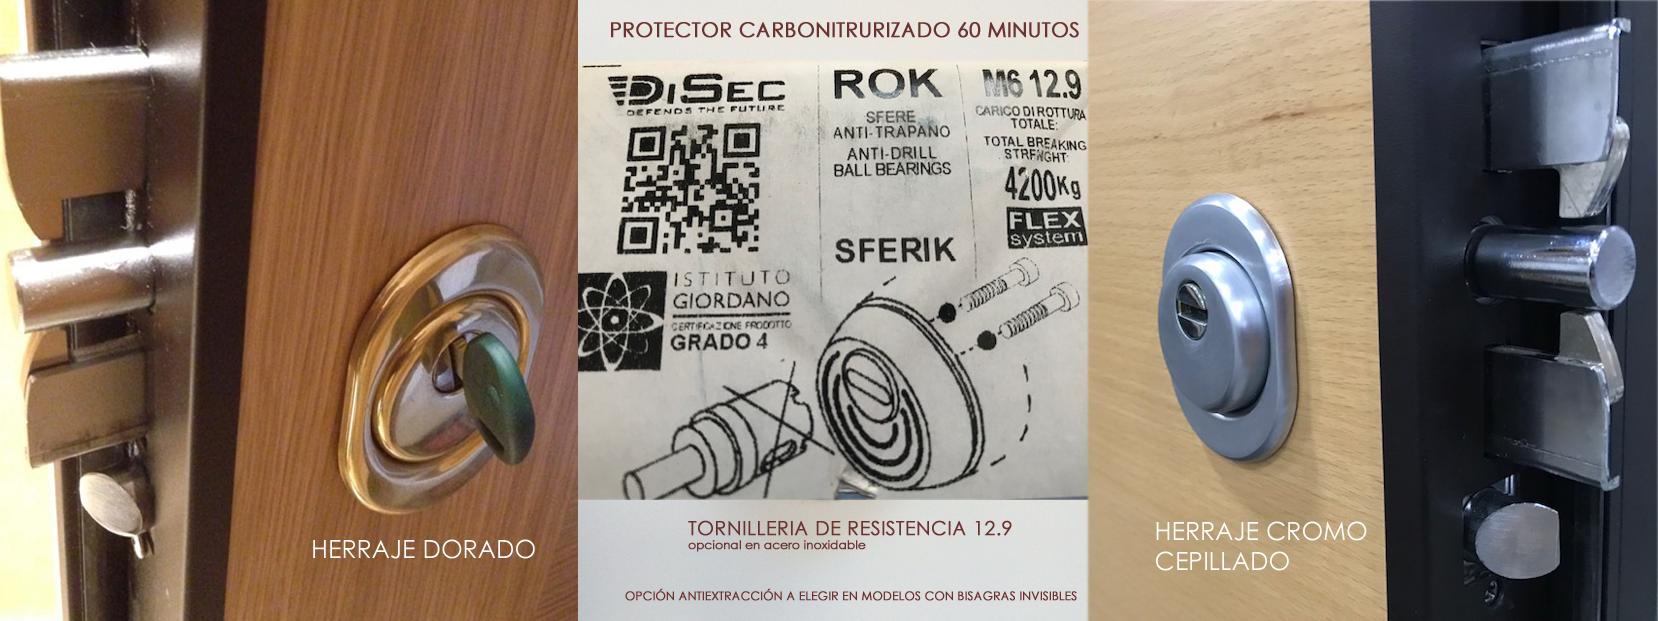 protector carbonitrurizado defender